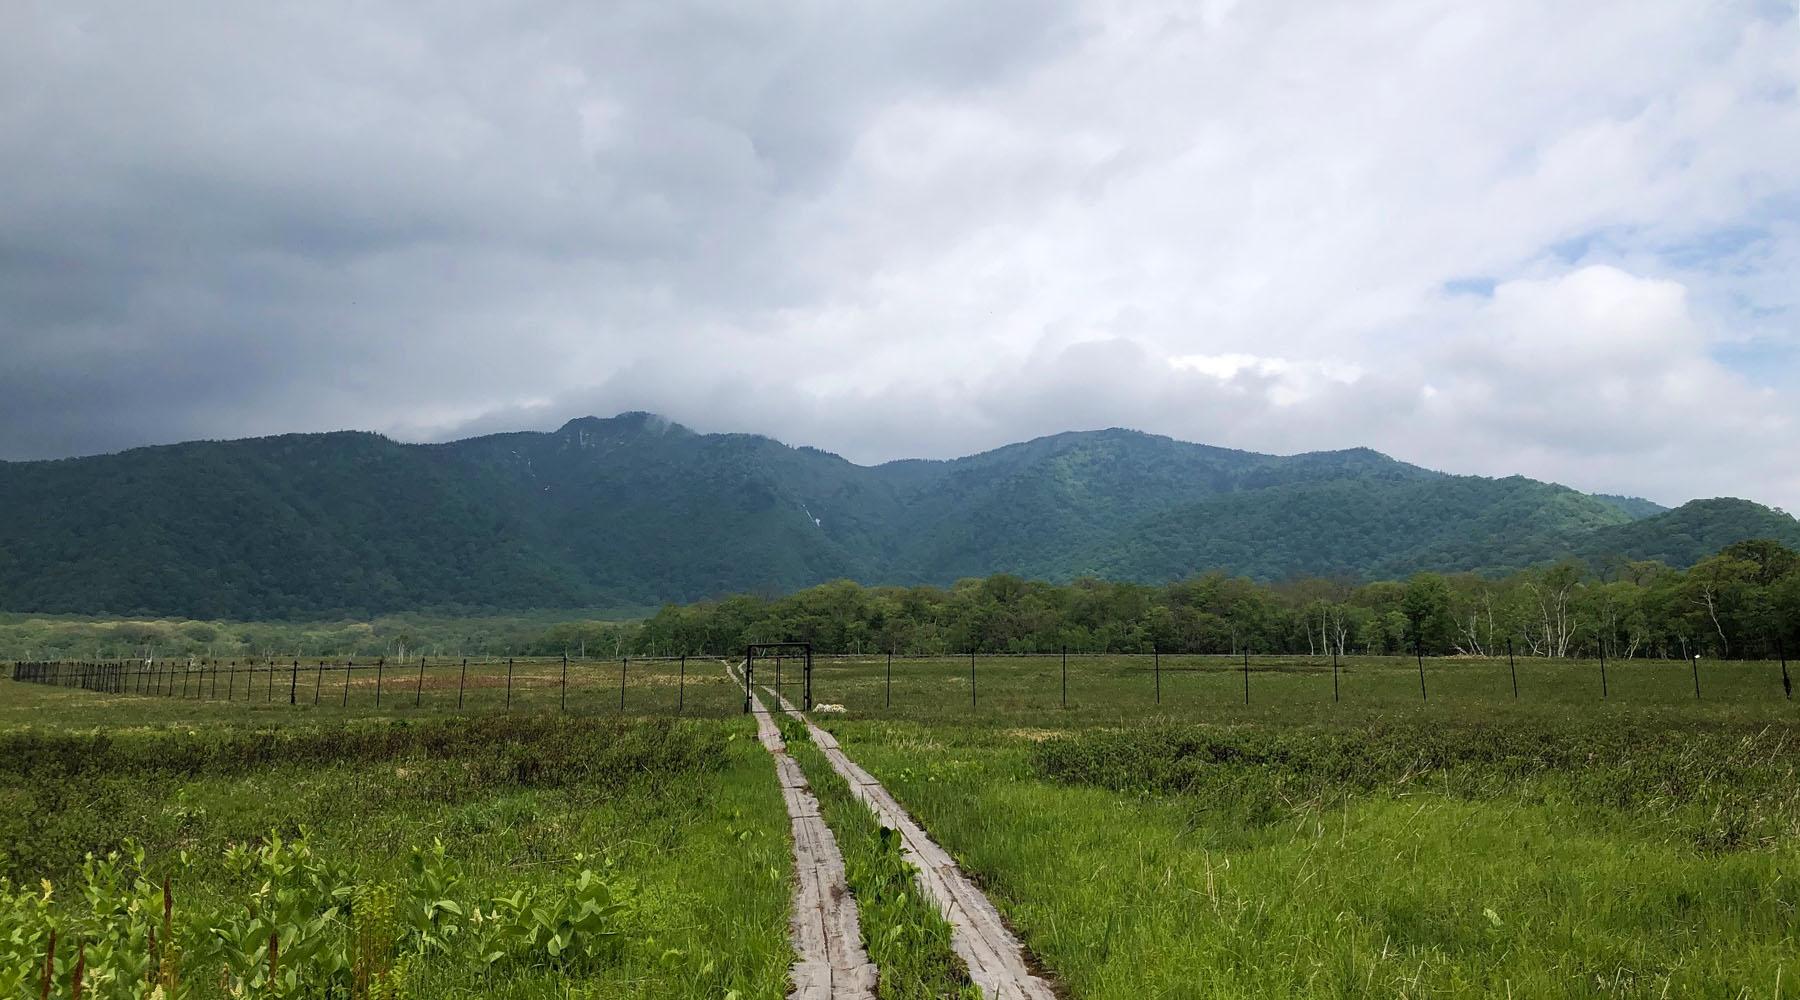 尾瀬・長沢新道から竜宮十字路への接続地点